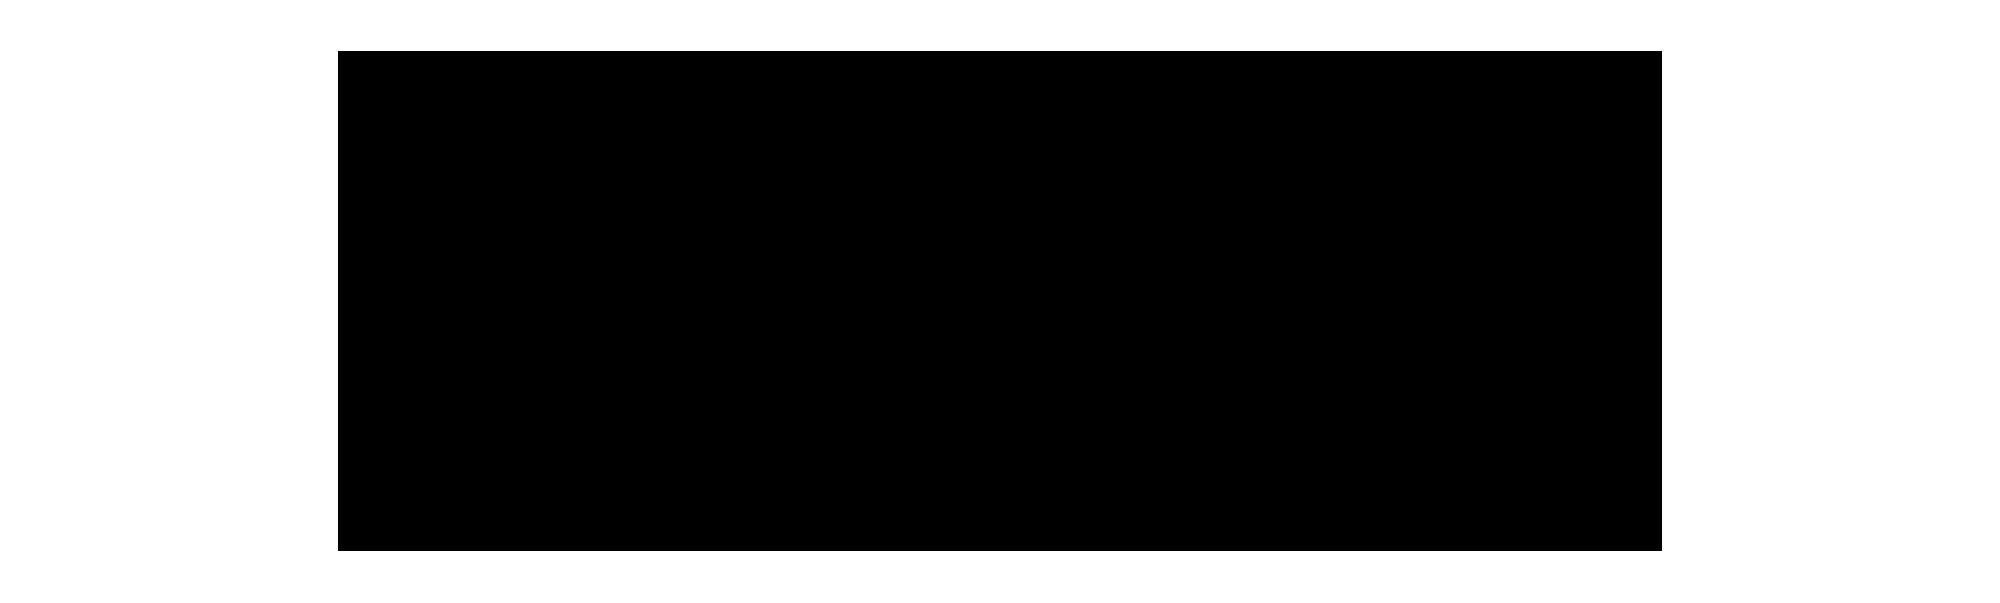 strich_2